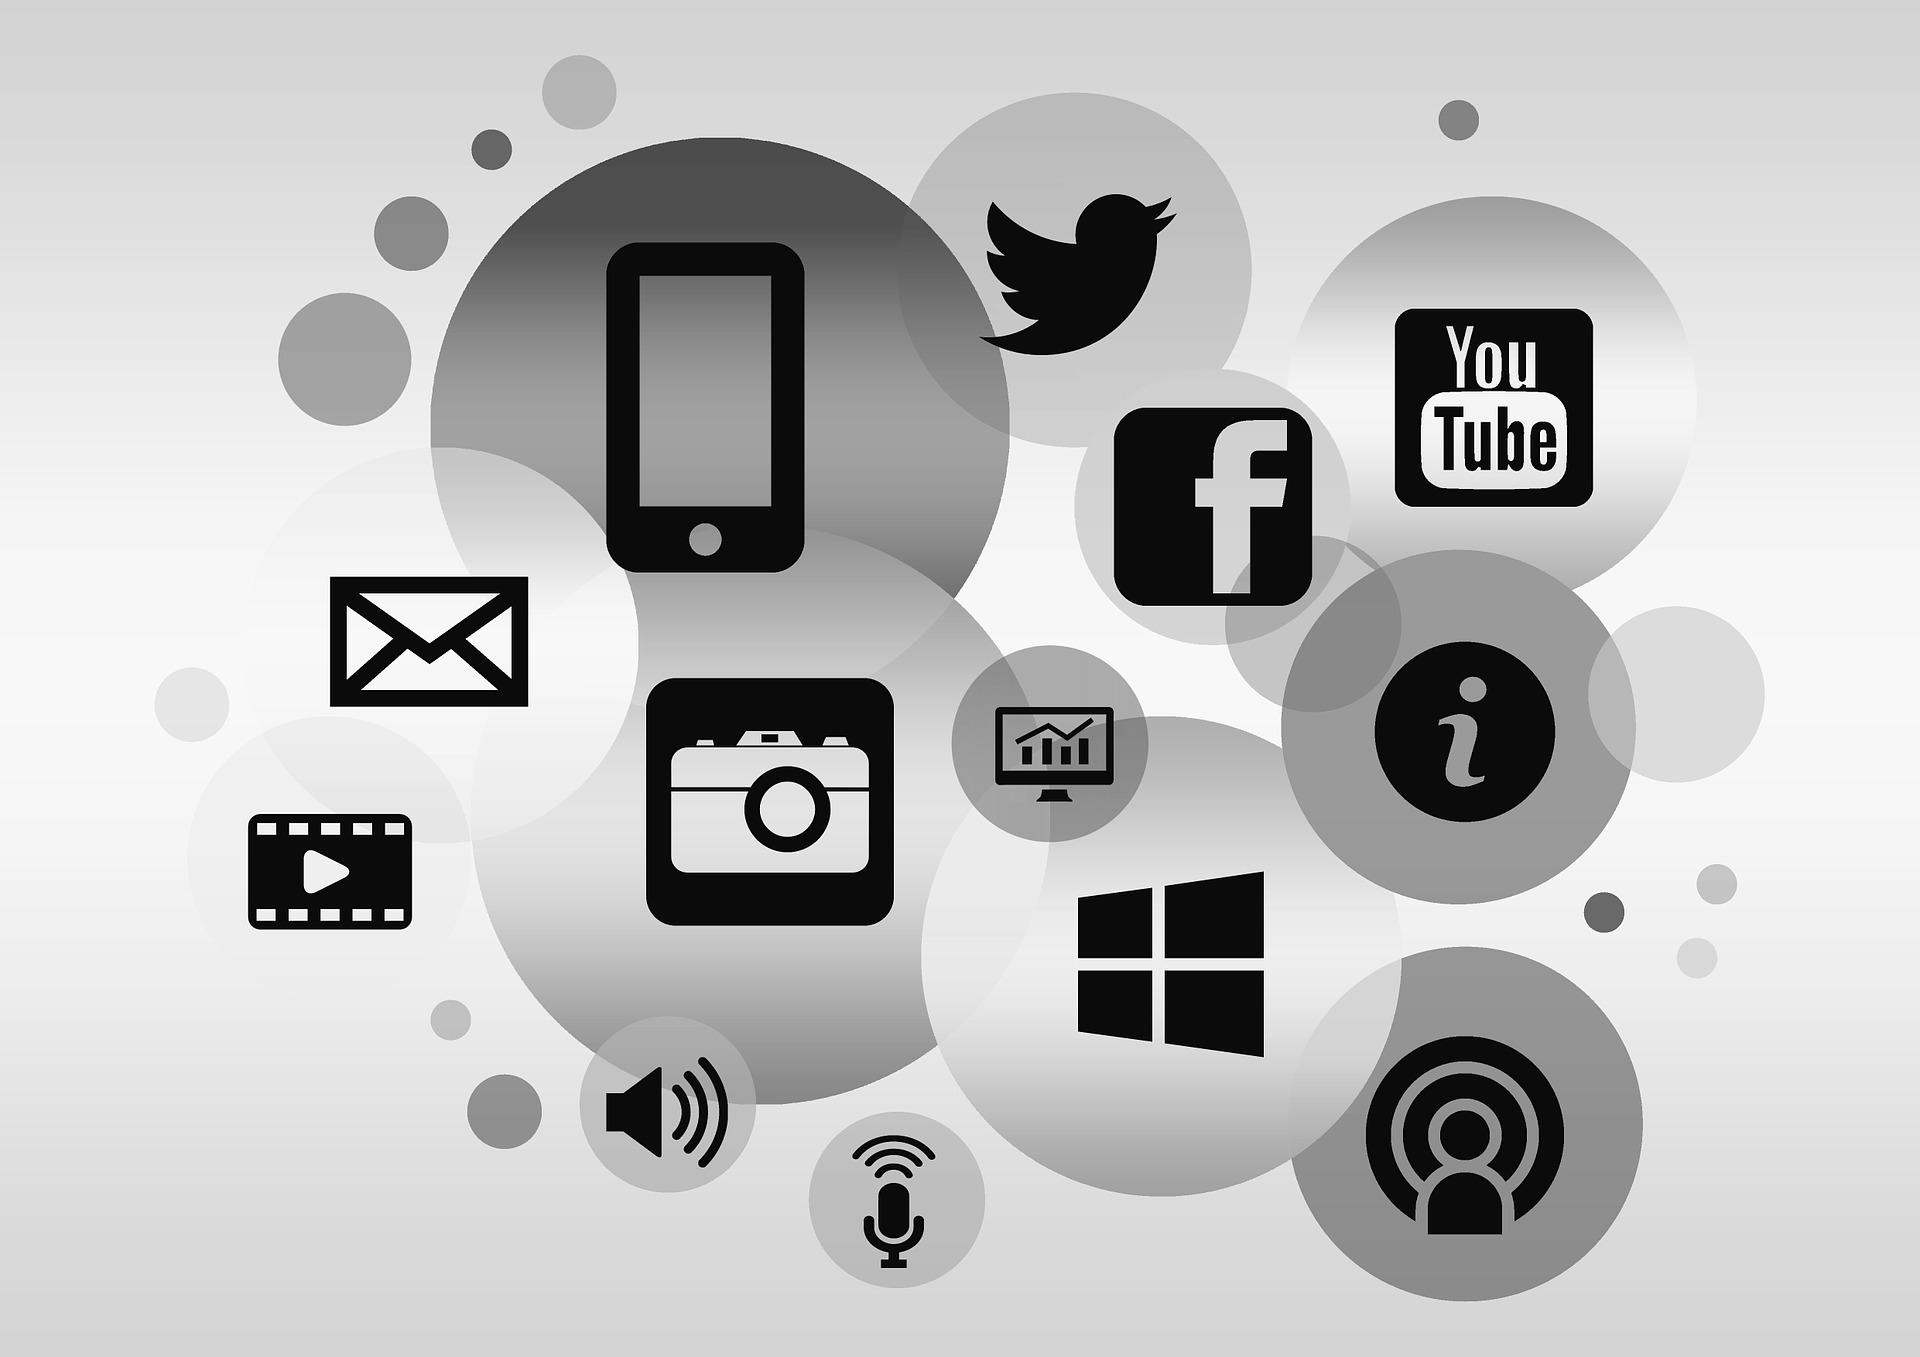 közösségi média és online élet illusztráció